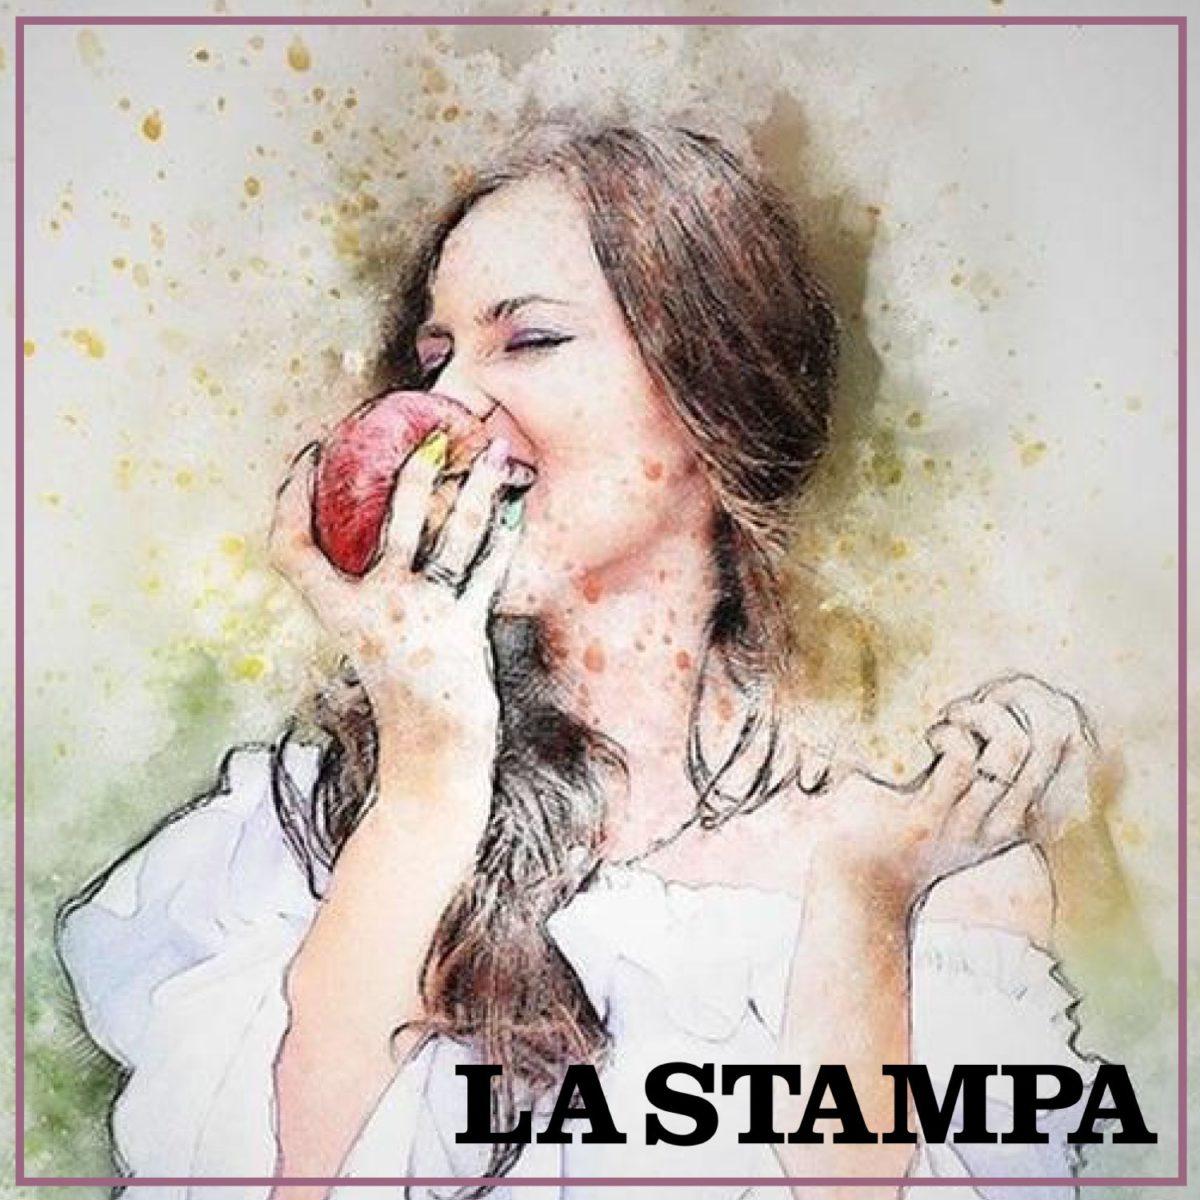 Su-La-Stampa.it-intervista-alla-Dr.ssa-Gemma-Fabozzi-embriologa-nutrizionista-e-responsabile-del-centro-B-Woman-di-Roma-1200x1200.jpeg